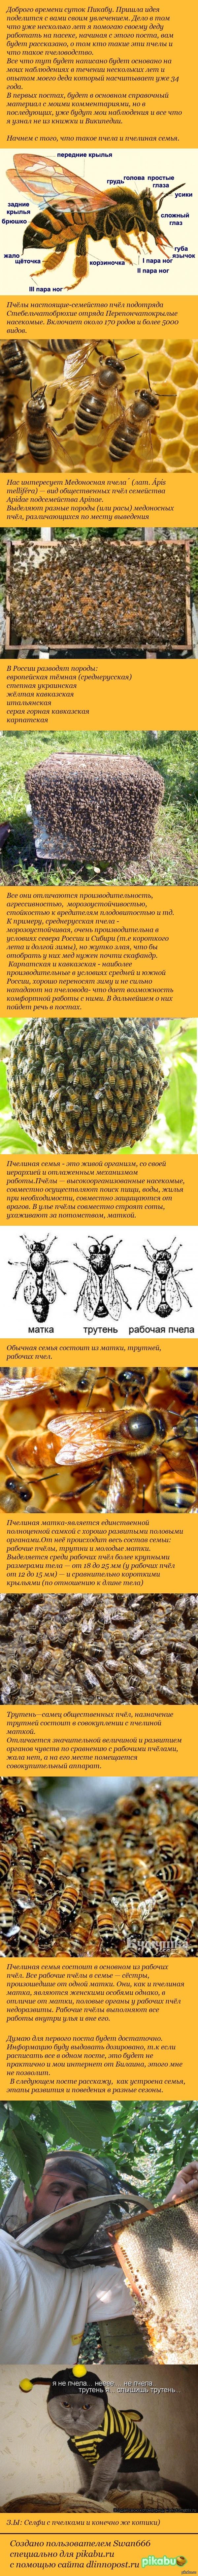 """""""Эти неправильные пчелы"""" Часть первая. Вопросы, предложения, критика в комментарии. минуса туда же.  Первый длиннопост, не обессудьте. Спасибо)"""